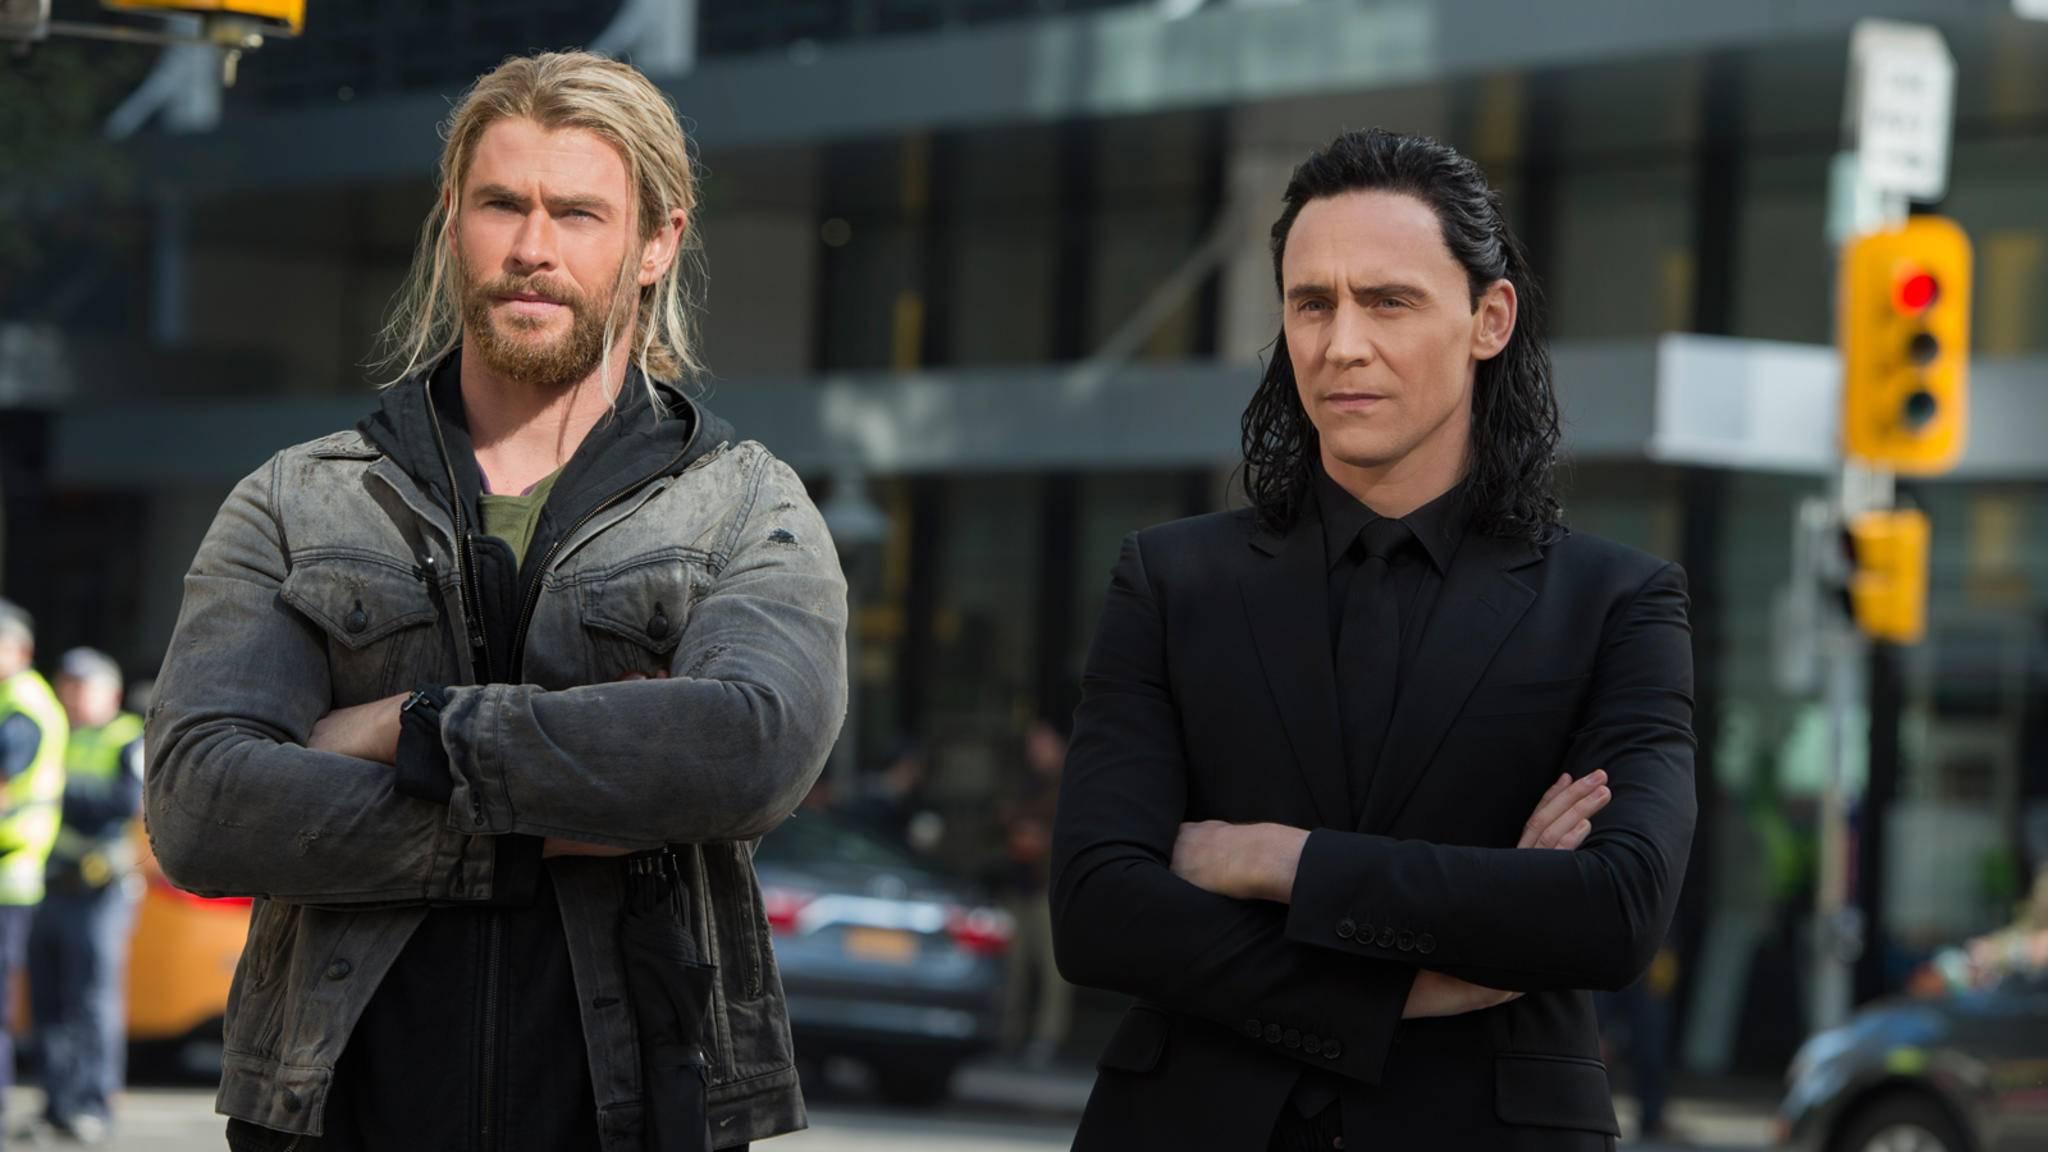 Was wäre, wenn Loki statt Thor den Hammer schwingen würde? Dieser und ähnlichen Fragen will Marvel in einer neuen Serie nachgehen.